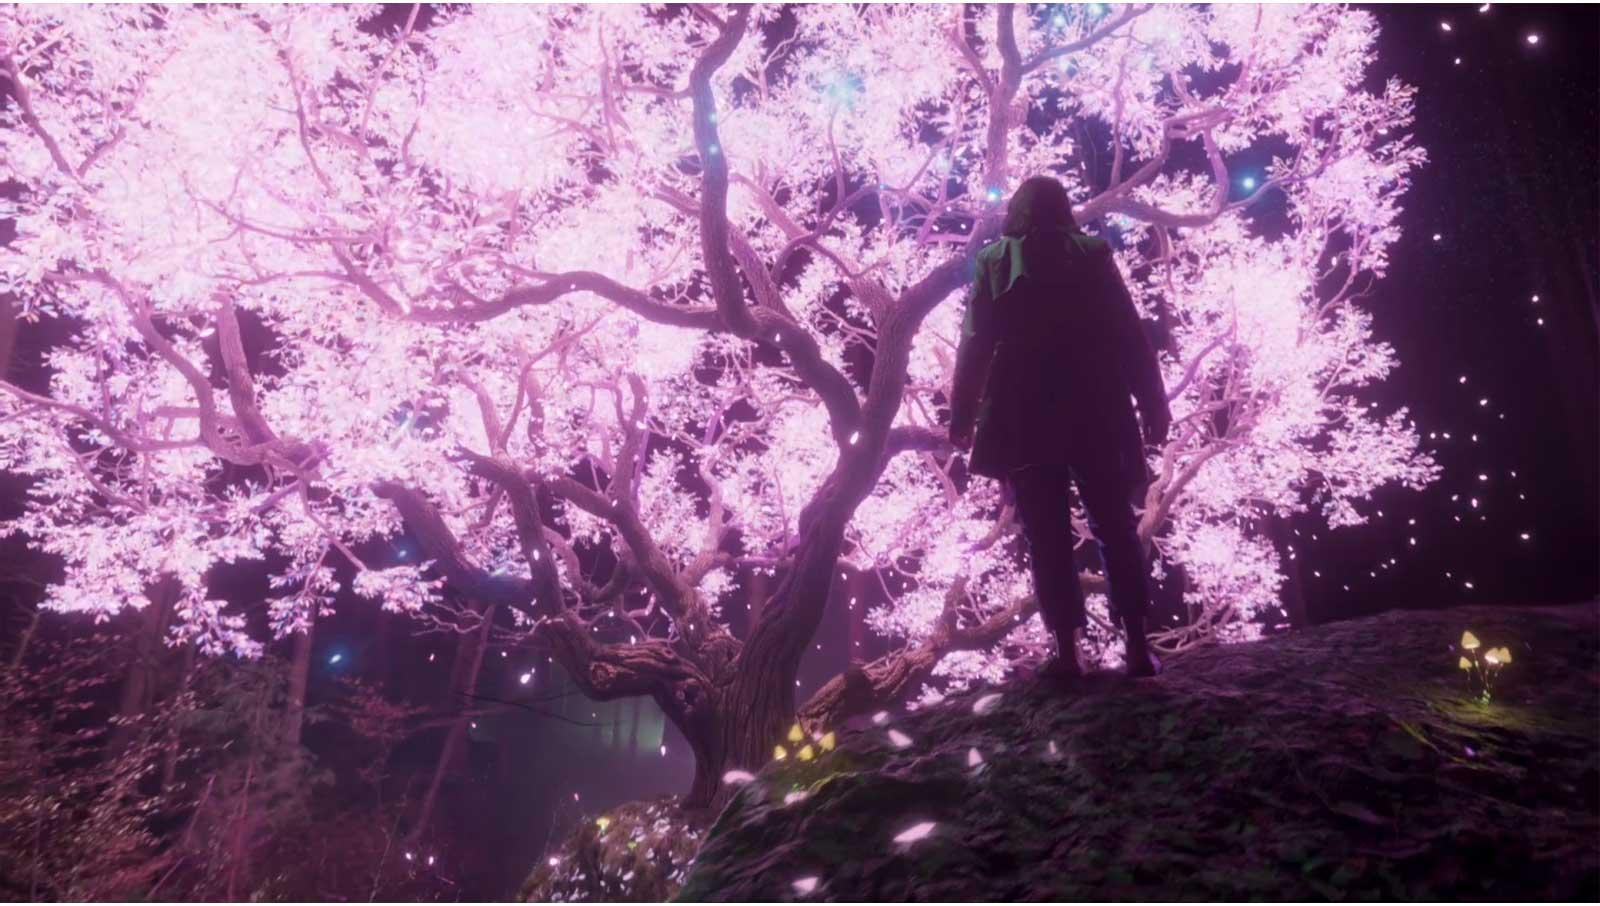 شاشة تلفزيون يظهر عليها أشعة ملونة تشع من شجرة متلألئة (تشغيل الفيديو)